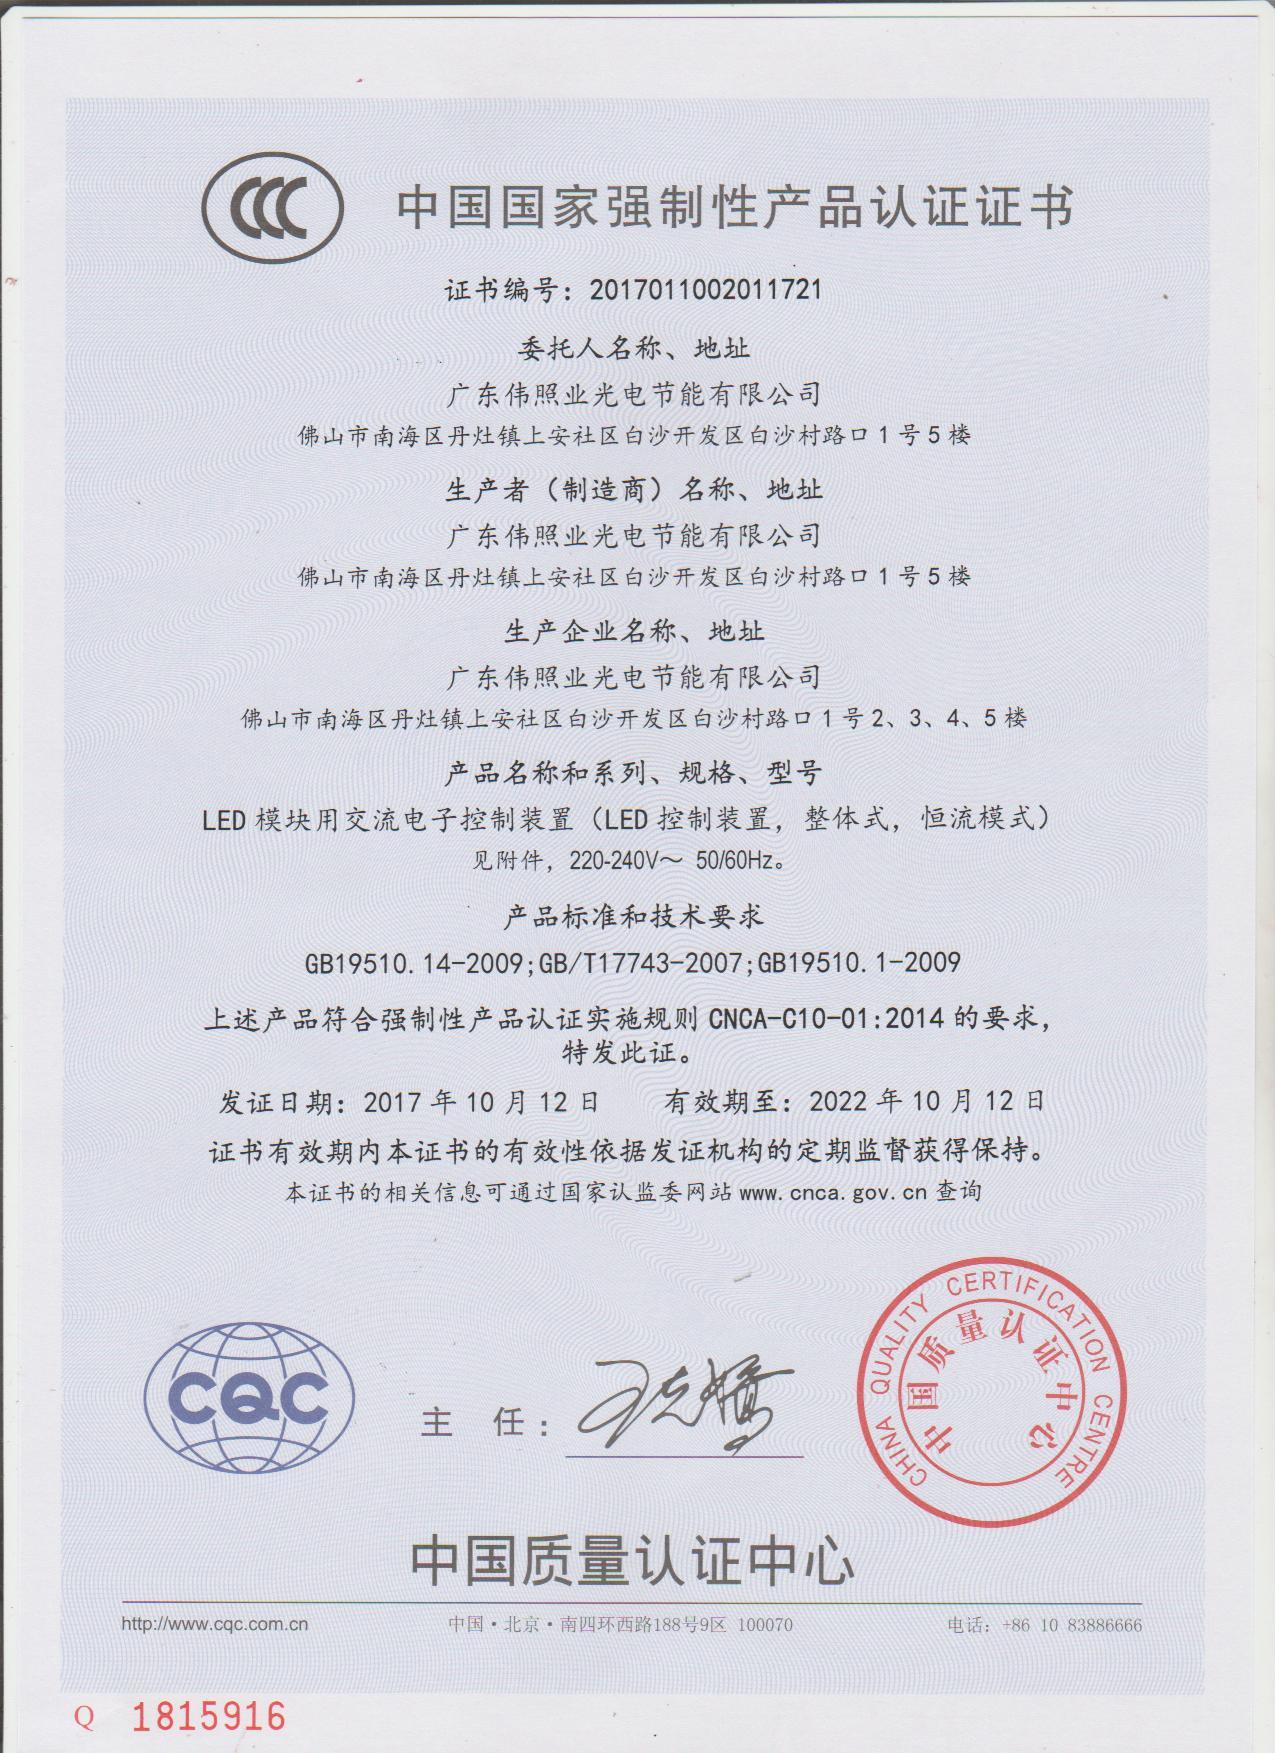 CCC证书1